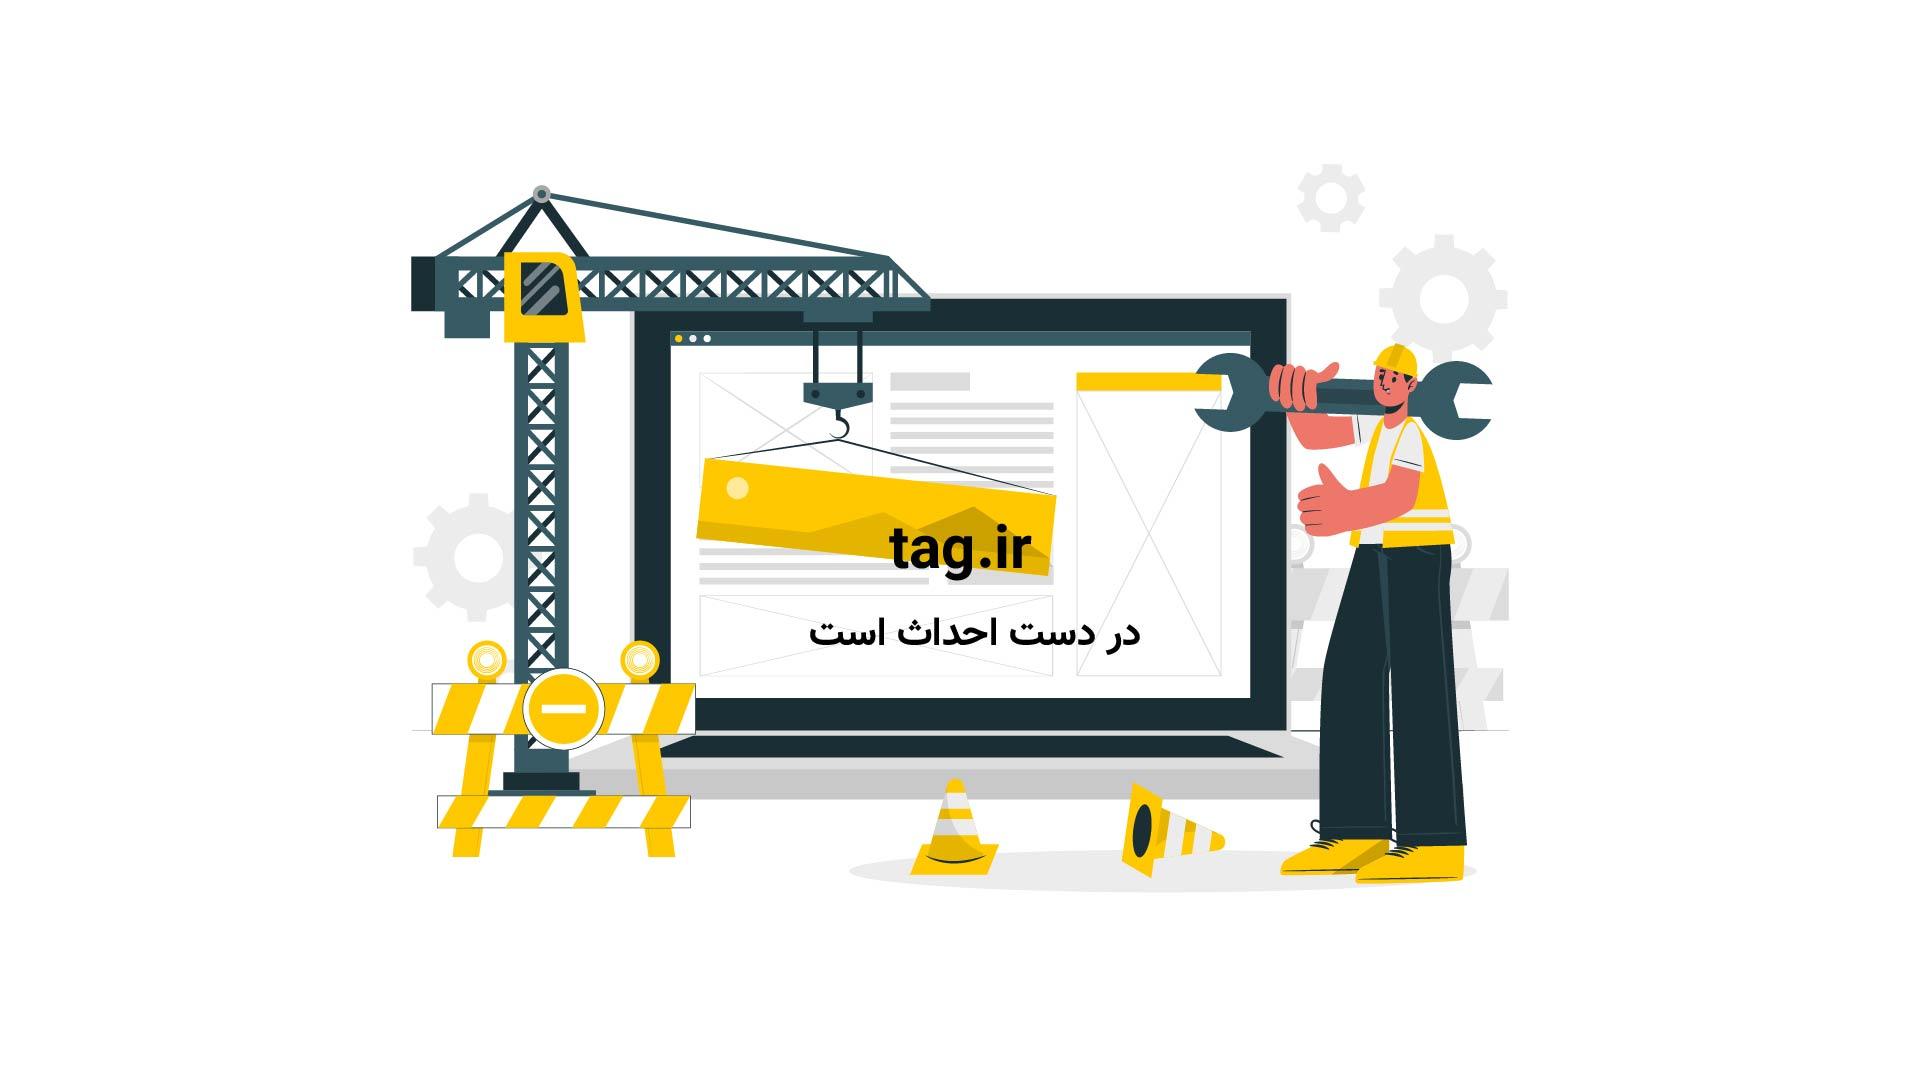 برنامههای علی ربیعی وزیر پیشنهادی تعاون، کار و رفاه اجتماعی   فیلم